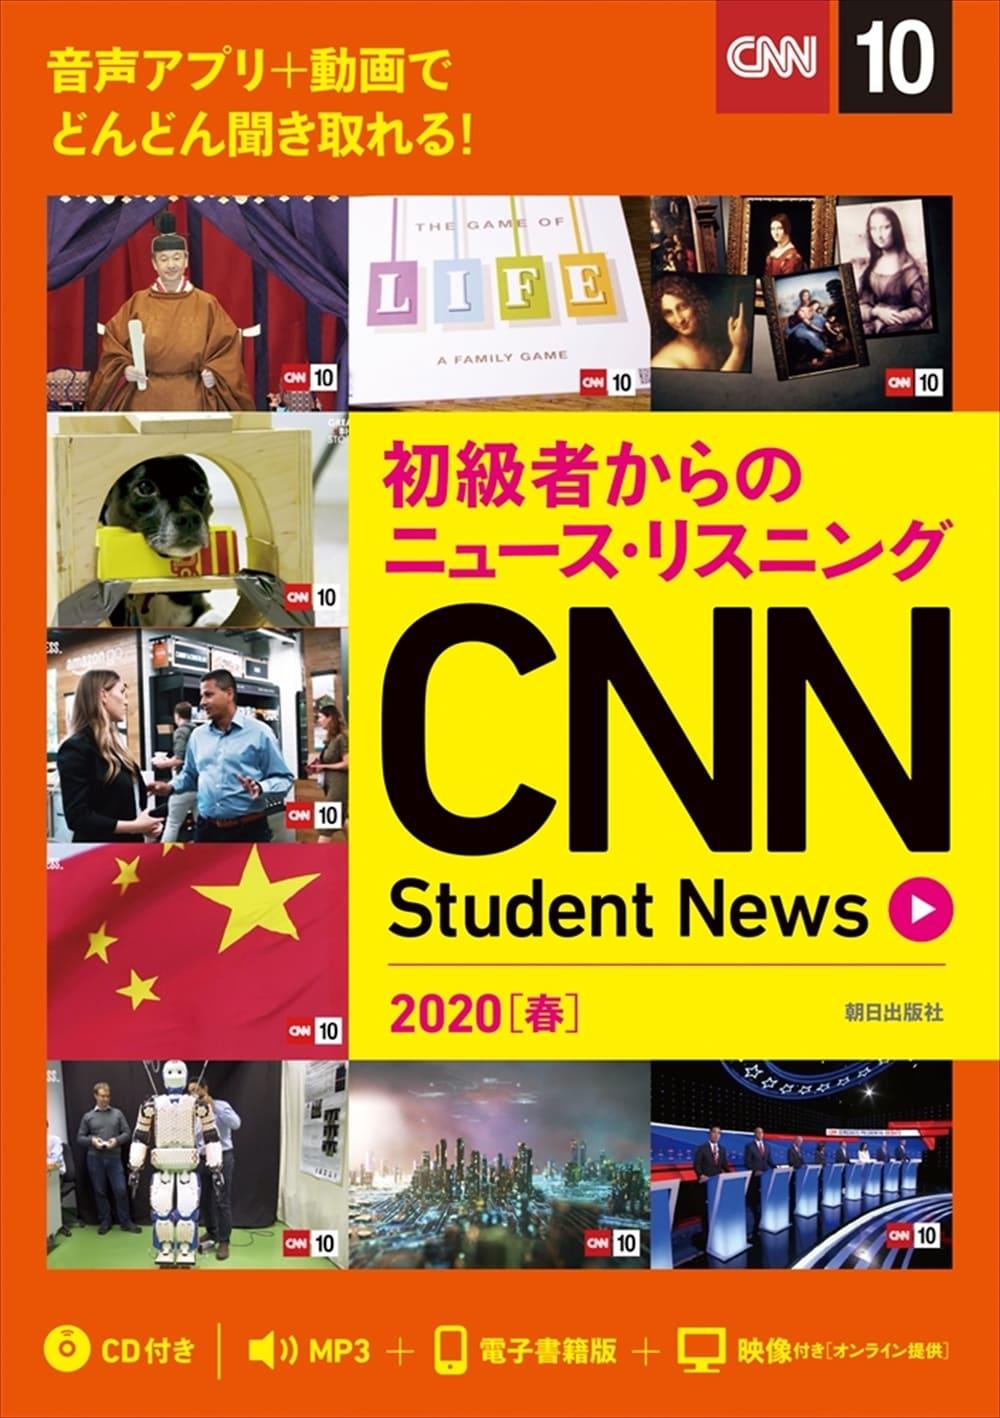 初級者からのニュース・リスニング<br>CNN Student News 2020[春]